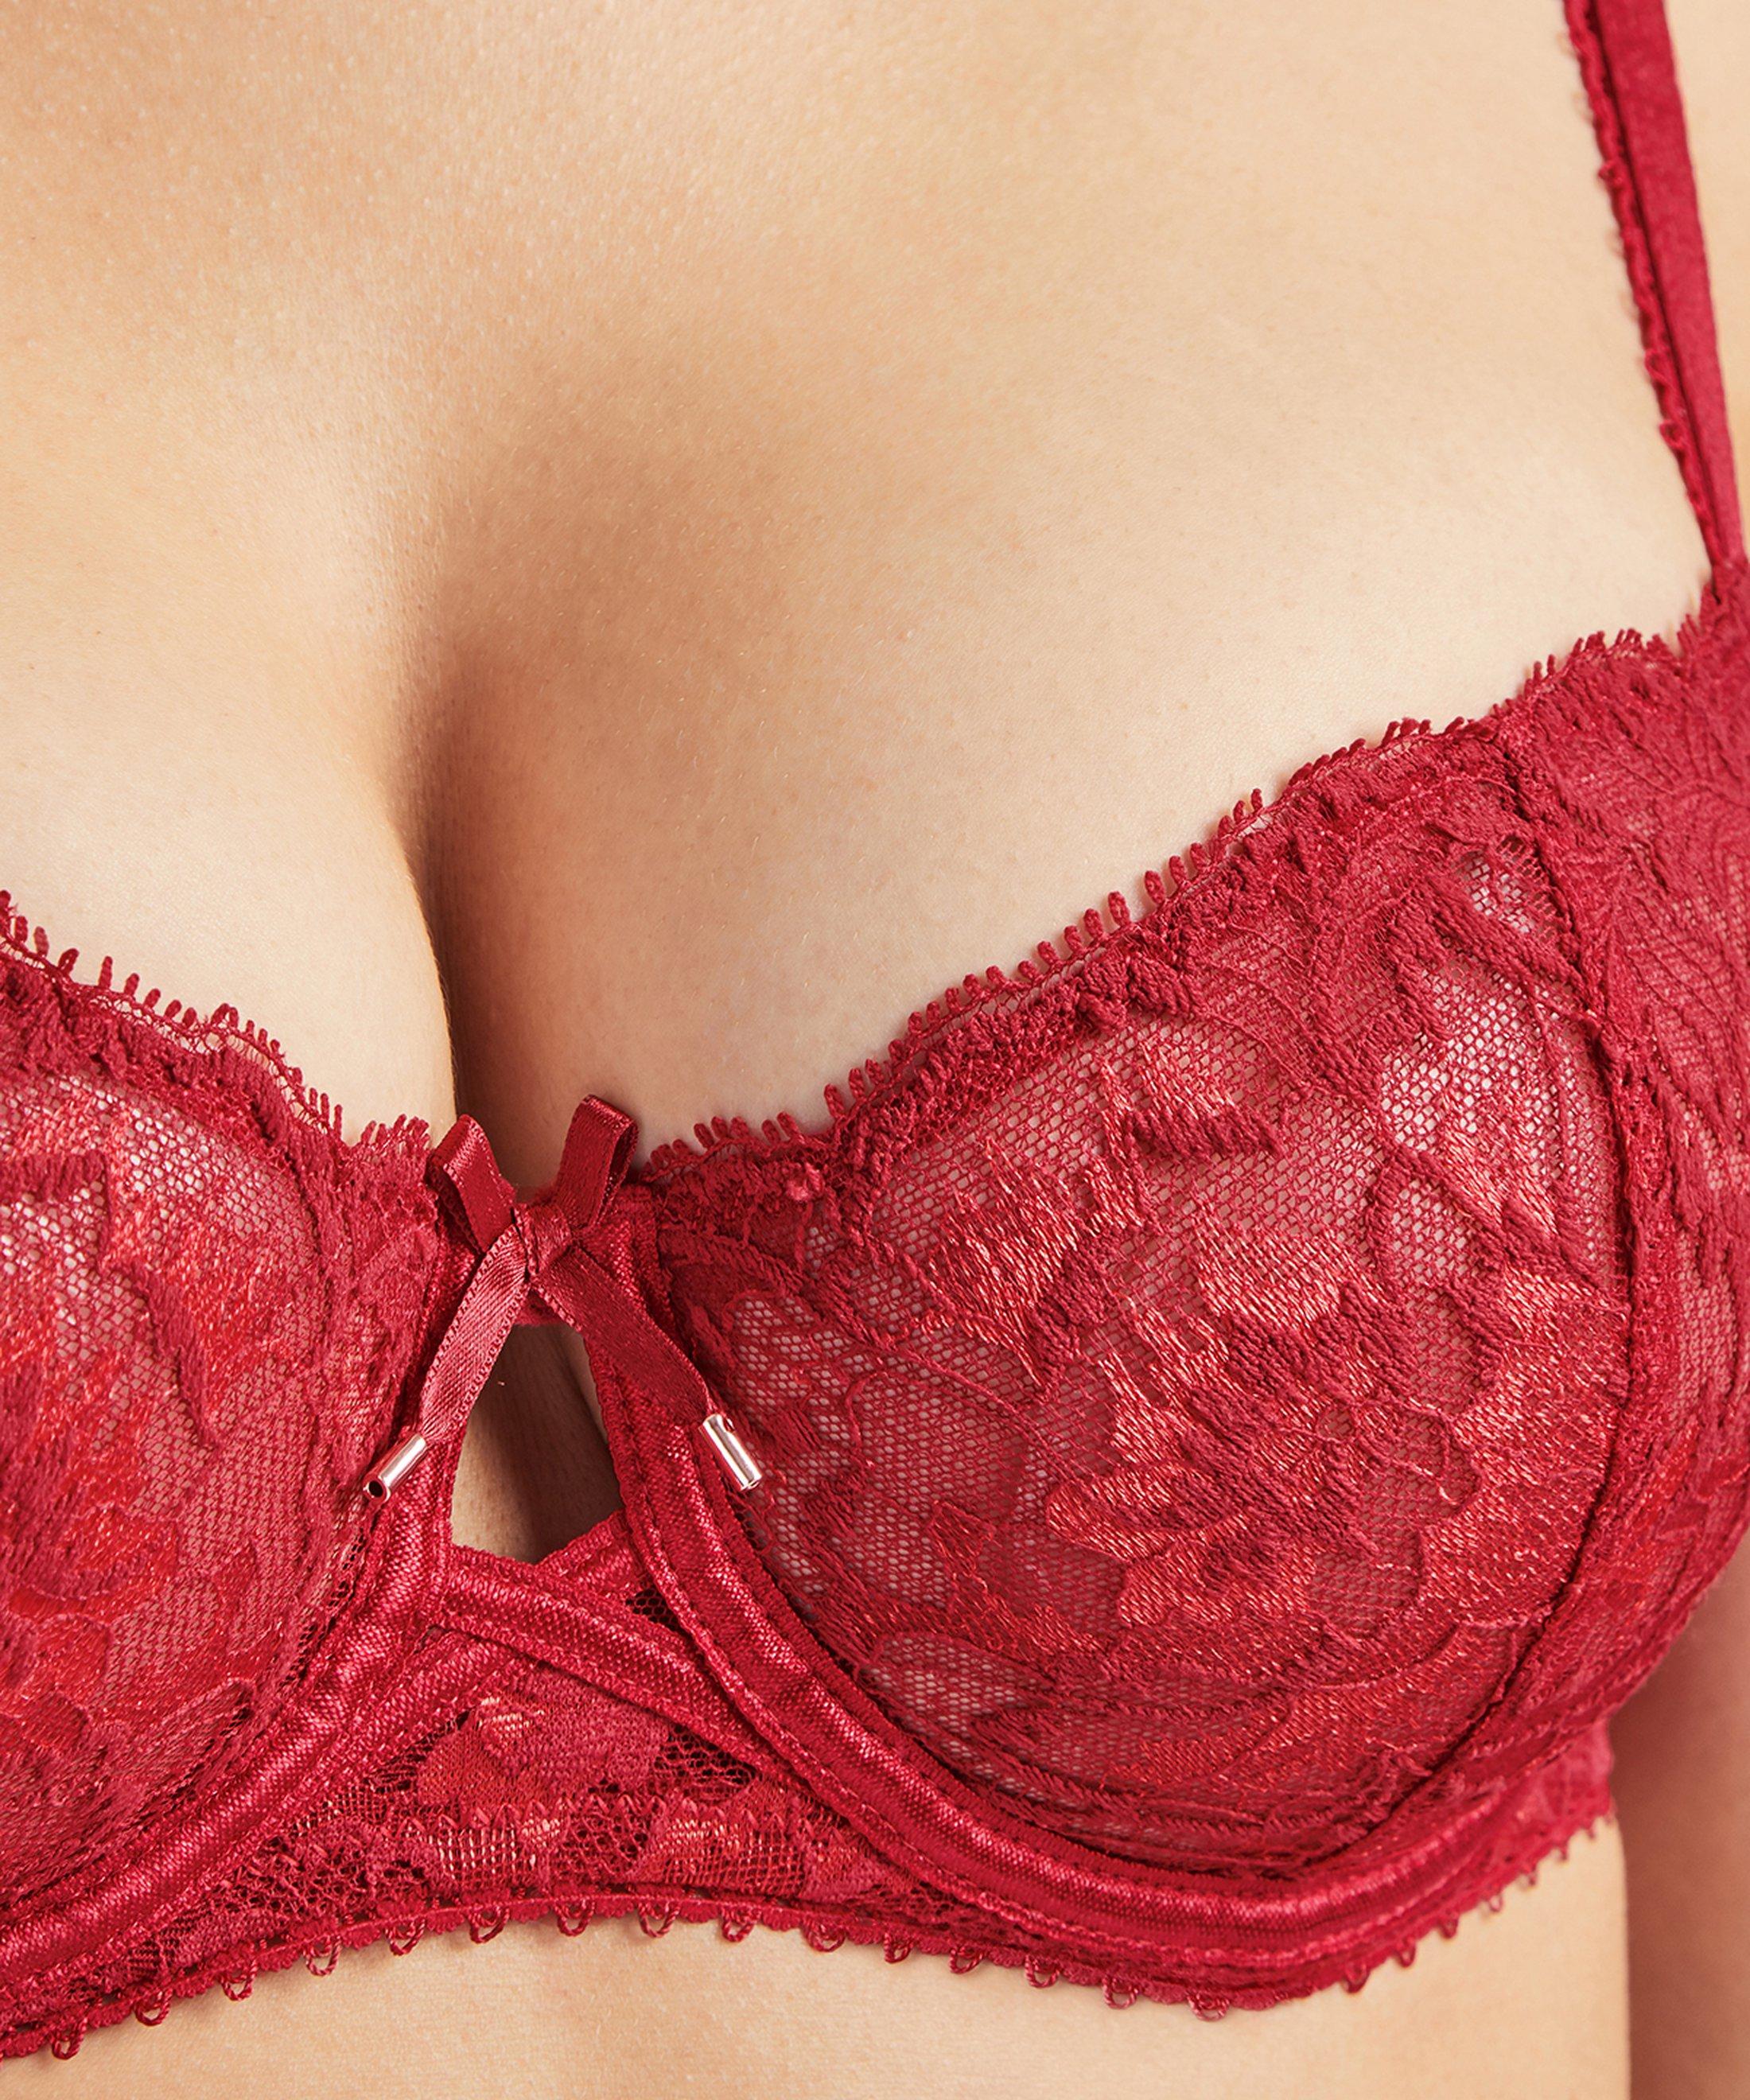 AUBE AMOUREUSE Soutien-gorge corbeille Rouge Amour | Aubade